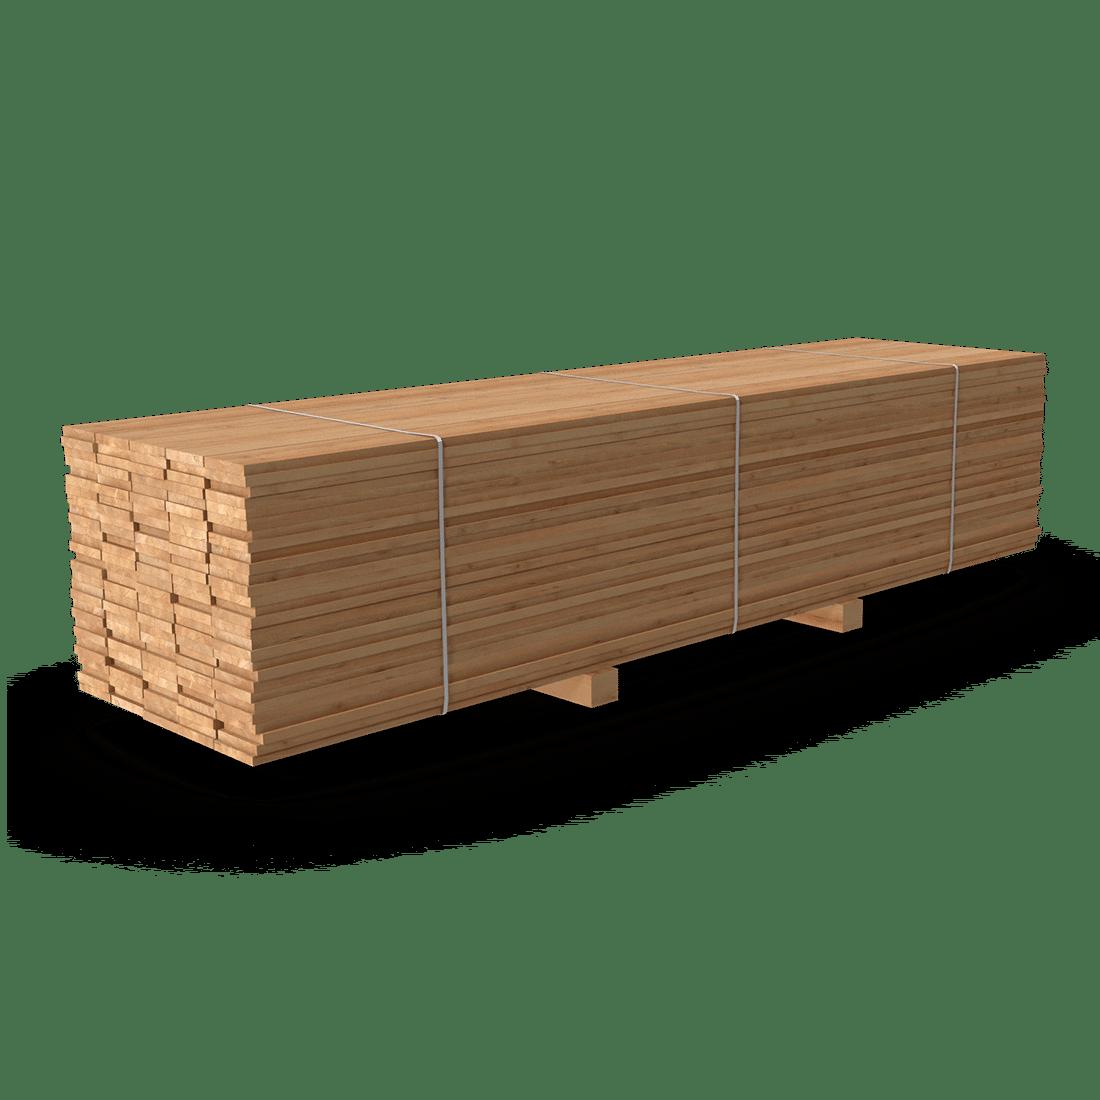 wooddd